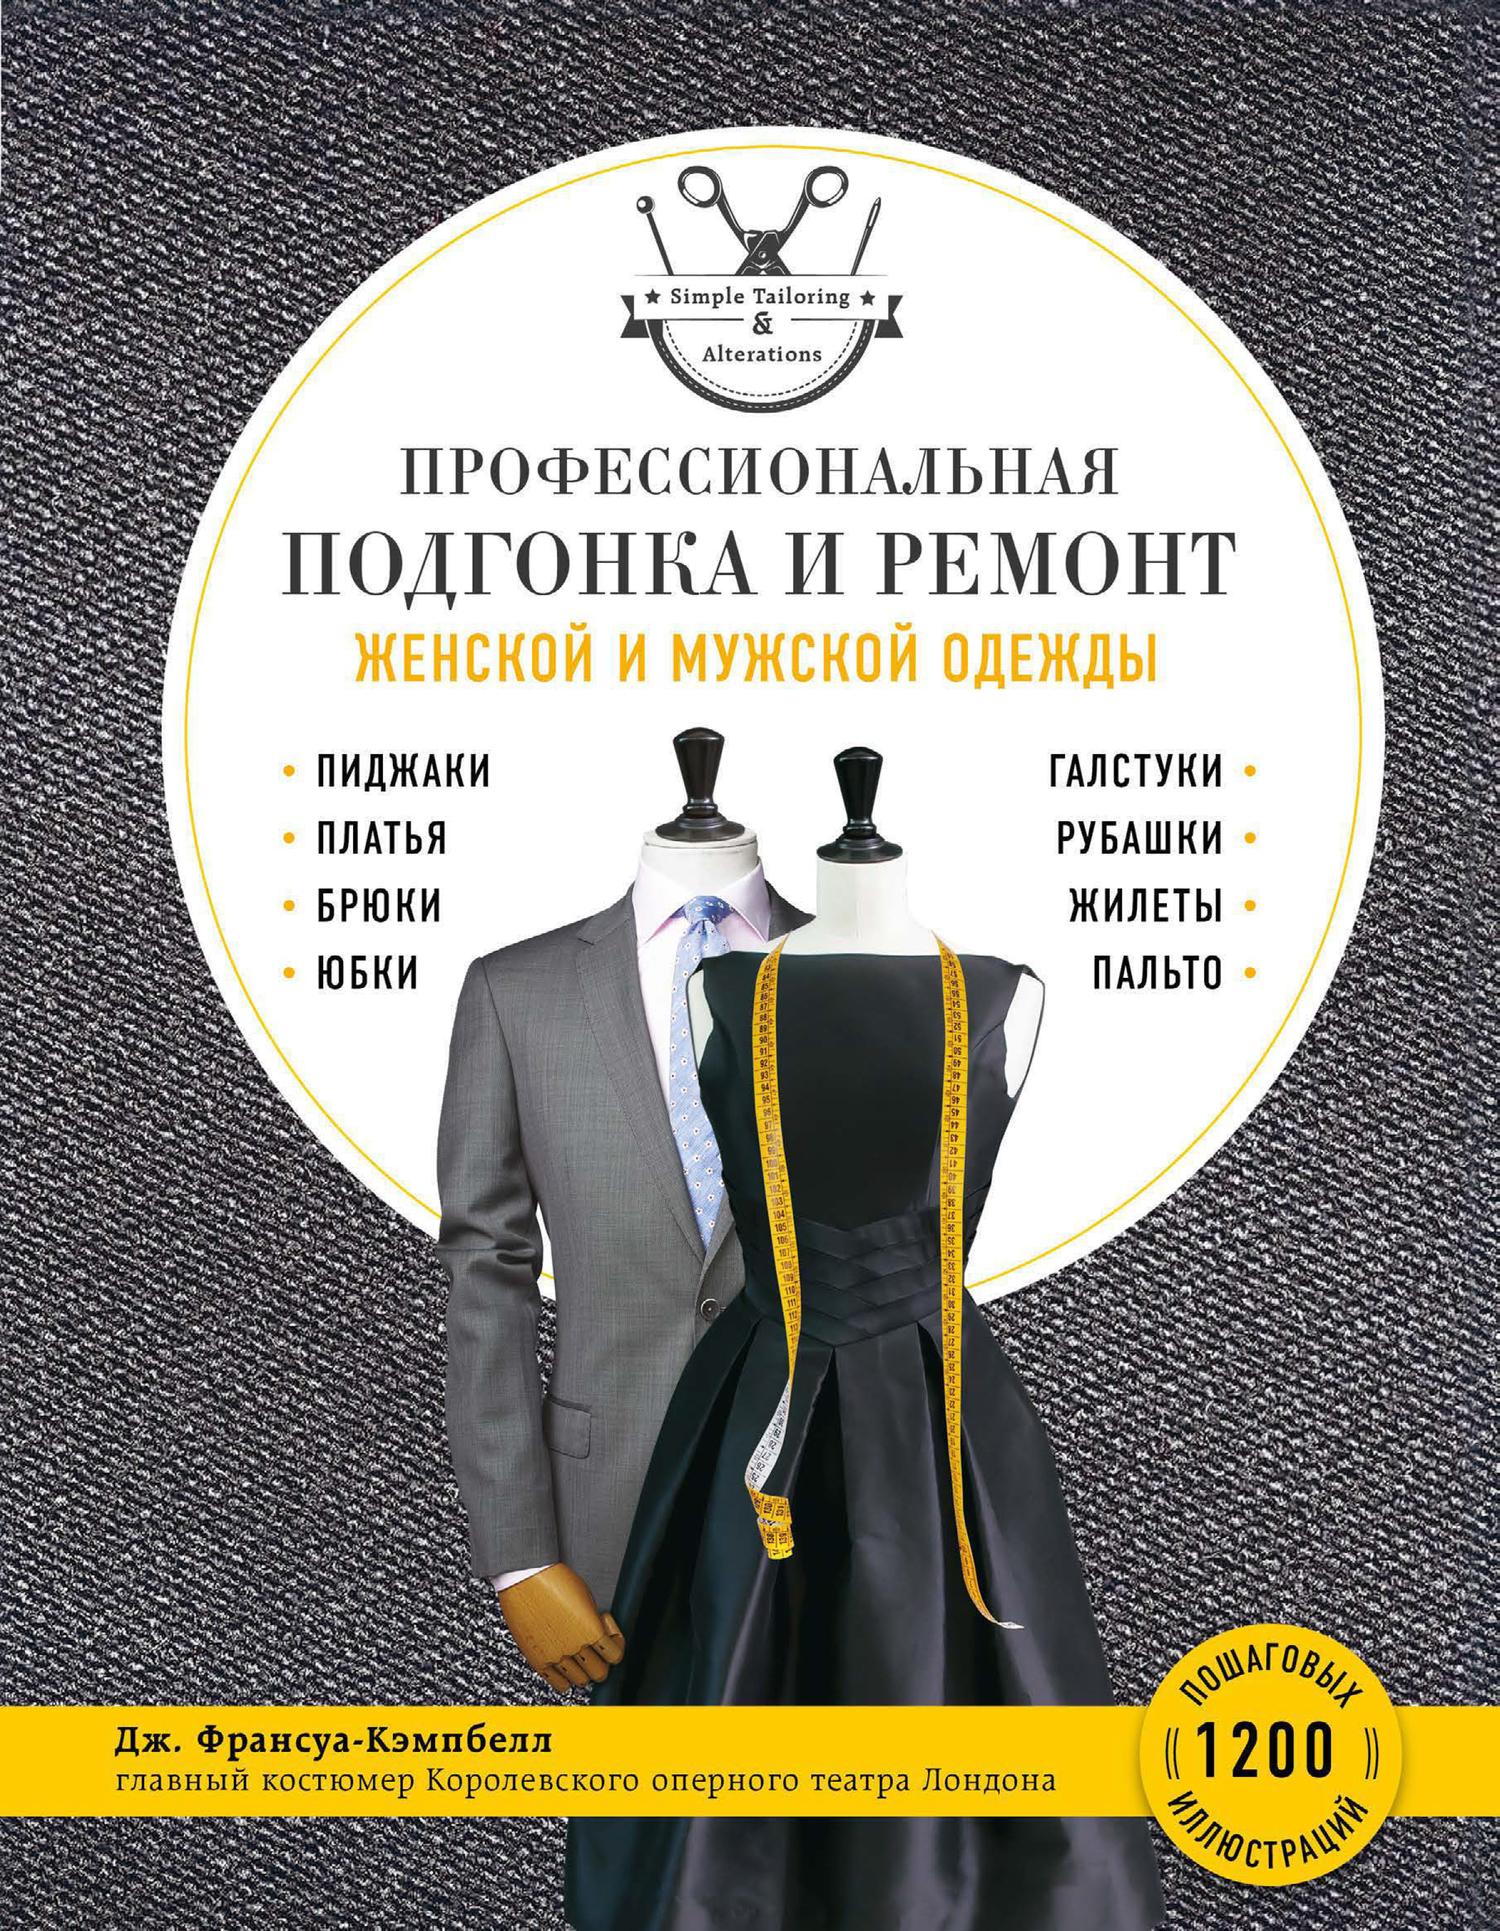 Дж. Франсуа-Кэмпбелл Профессиональная подгонка и ремонт женской и мужской одежды галстуки